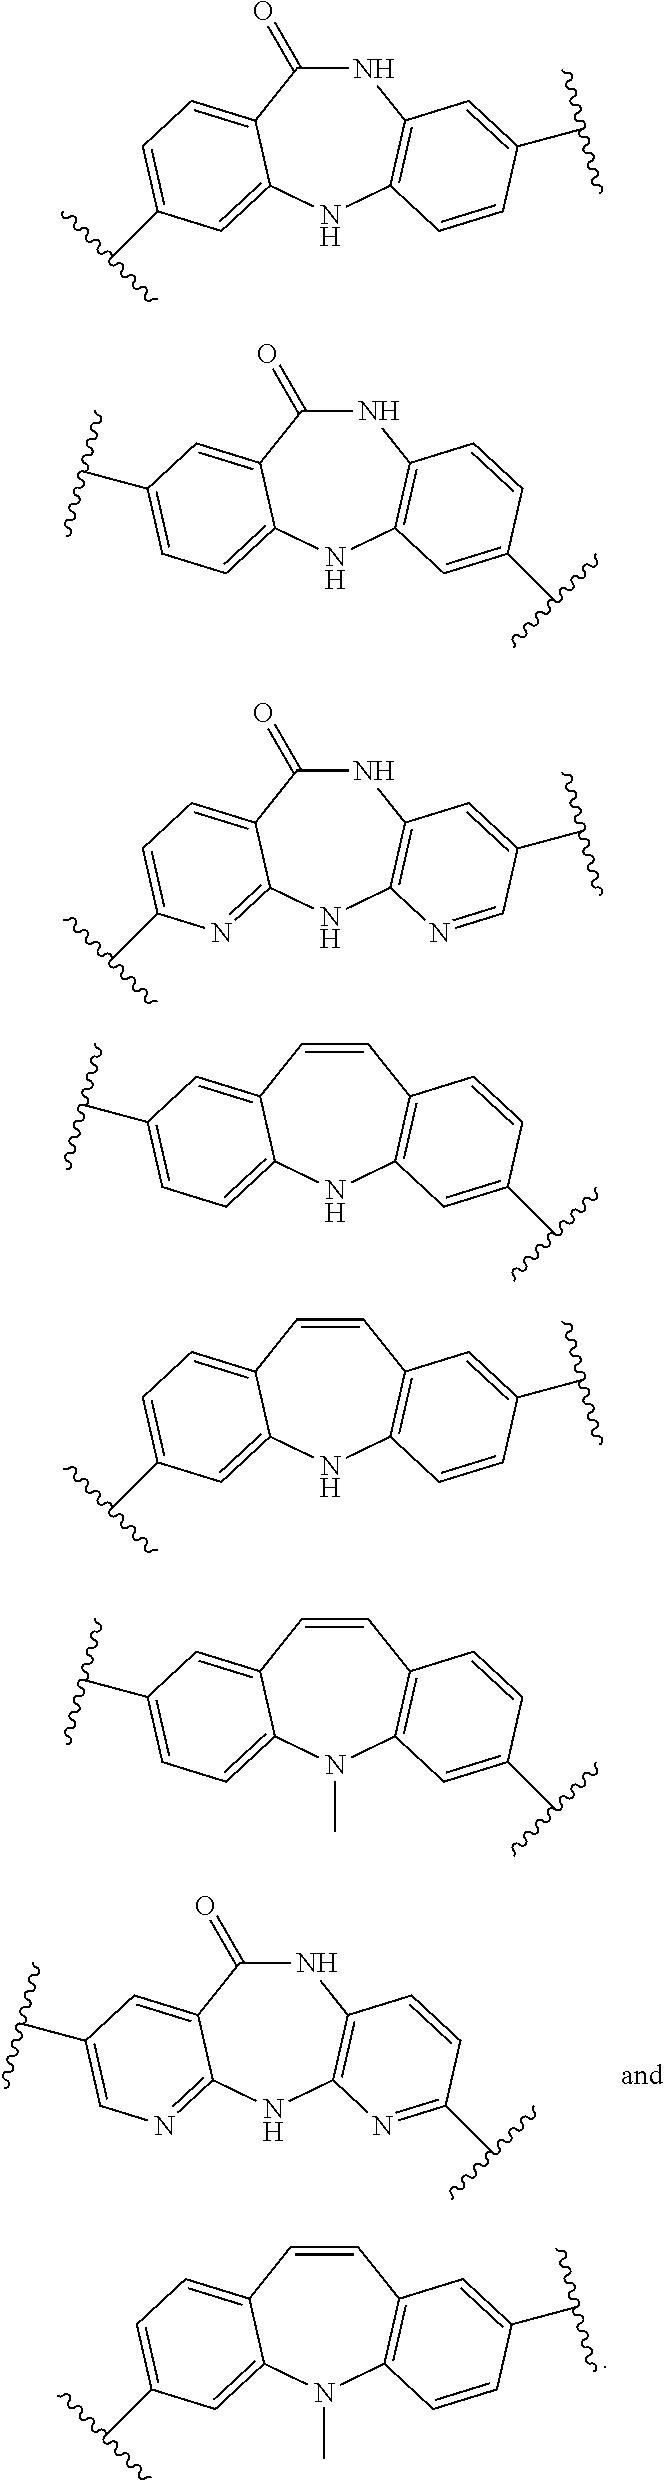 Figure US08273341-20120925-C00117